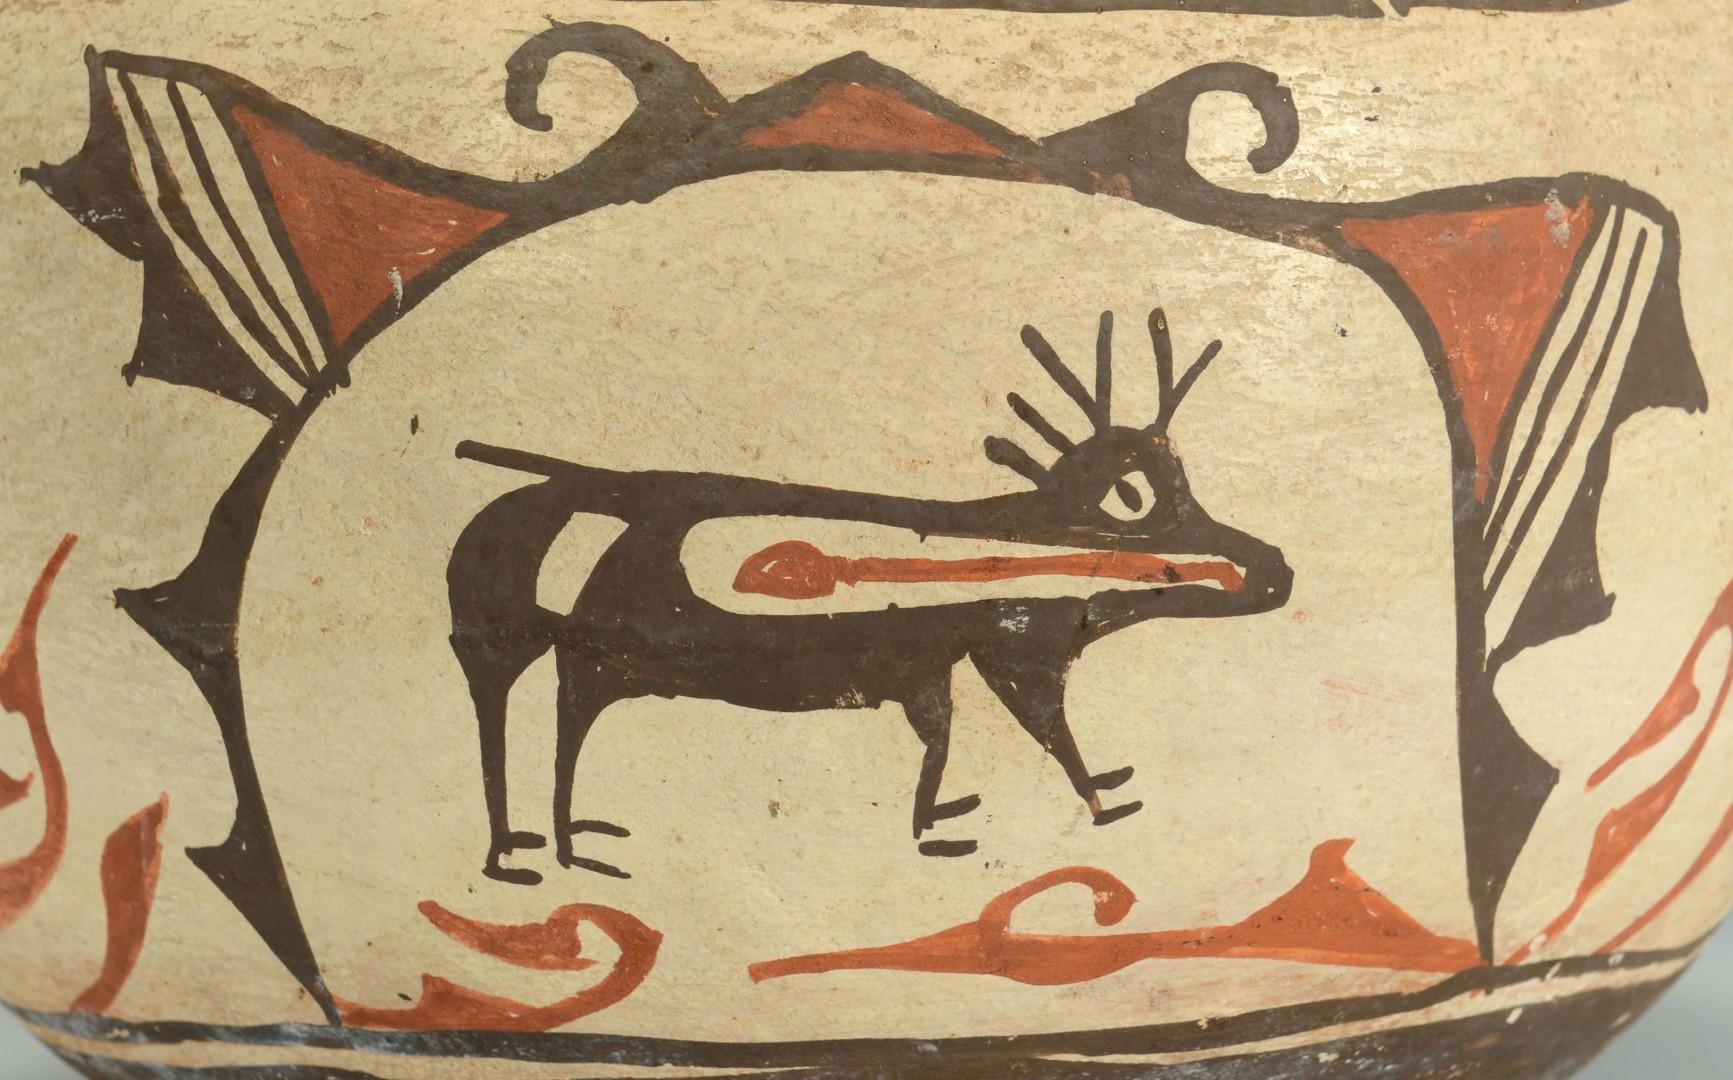 Lot 391: Zia Olla Jar w/ Heartline Deer Design